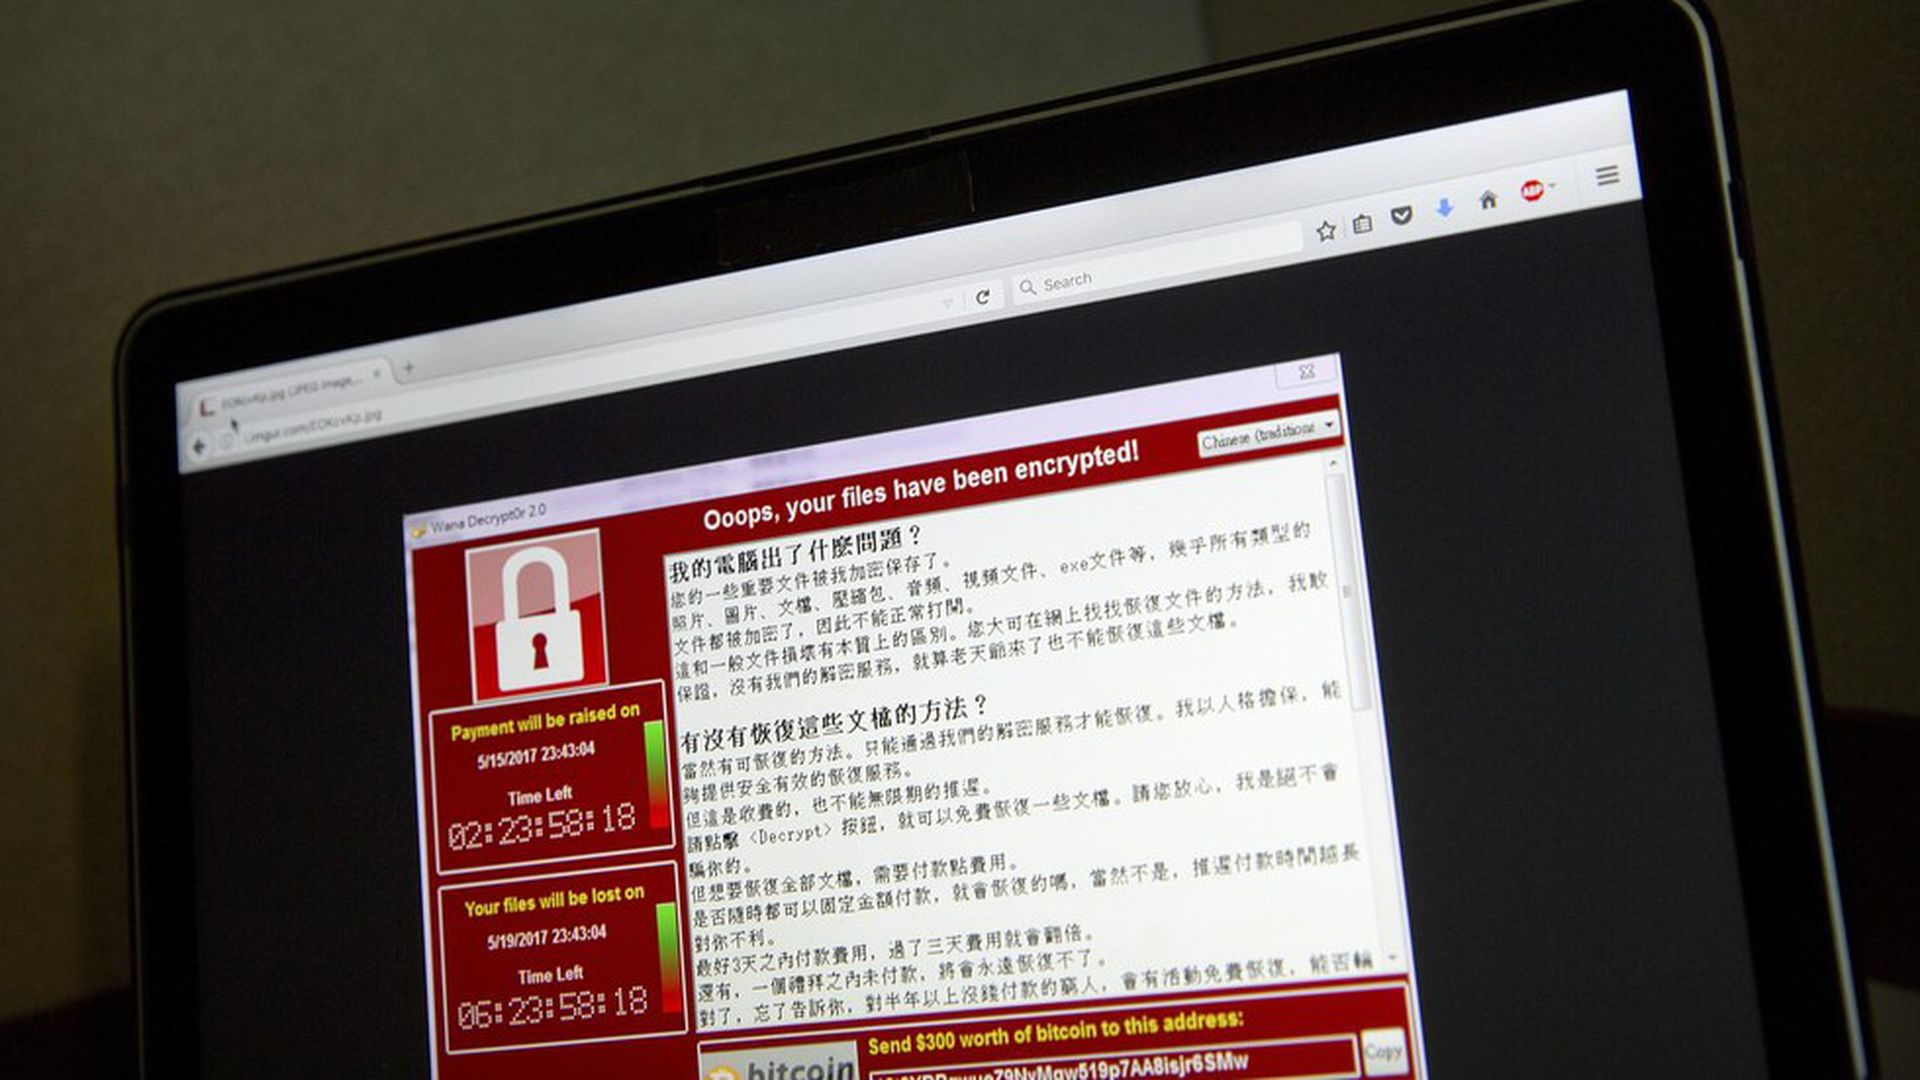 North Korean hacking group behind ransomware attack